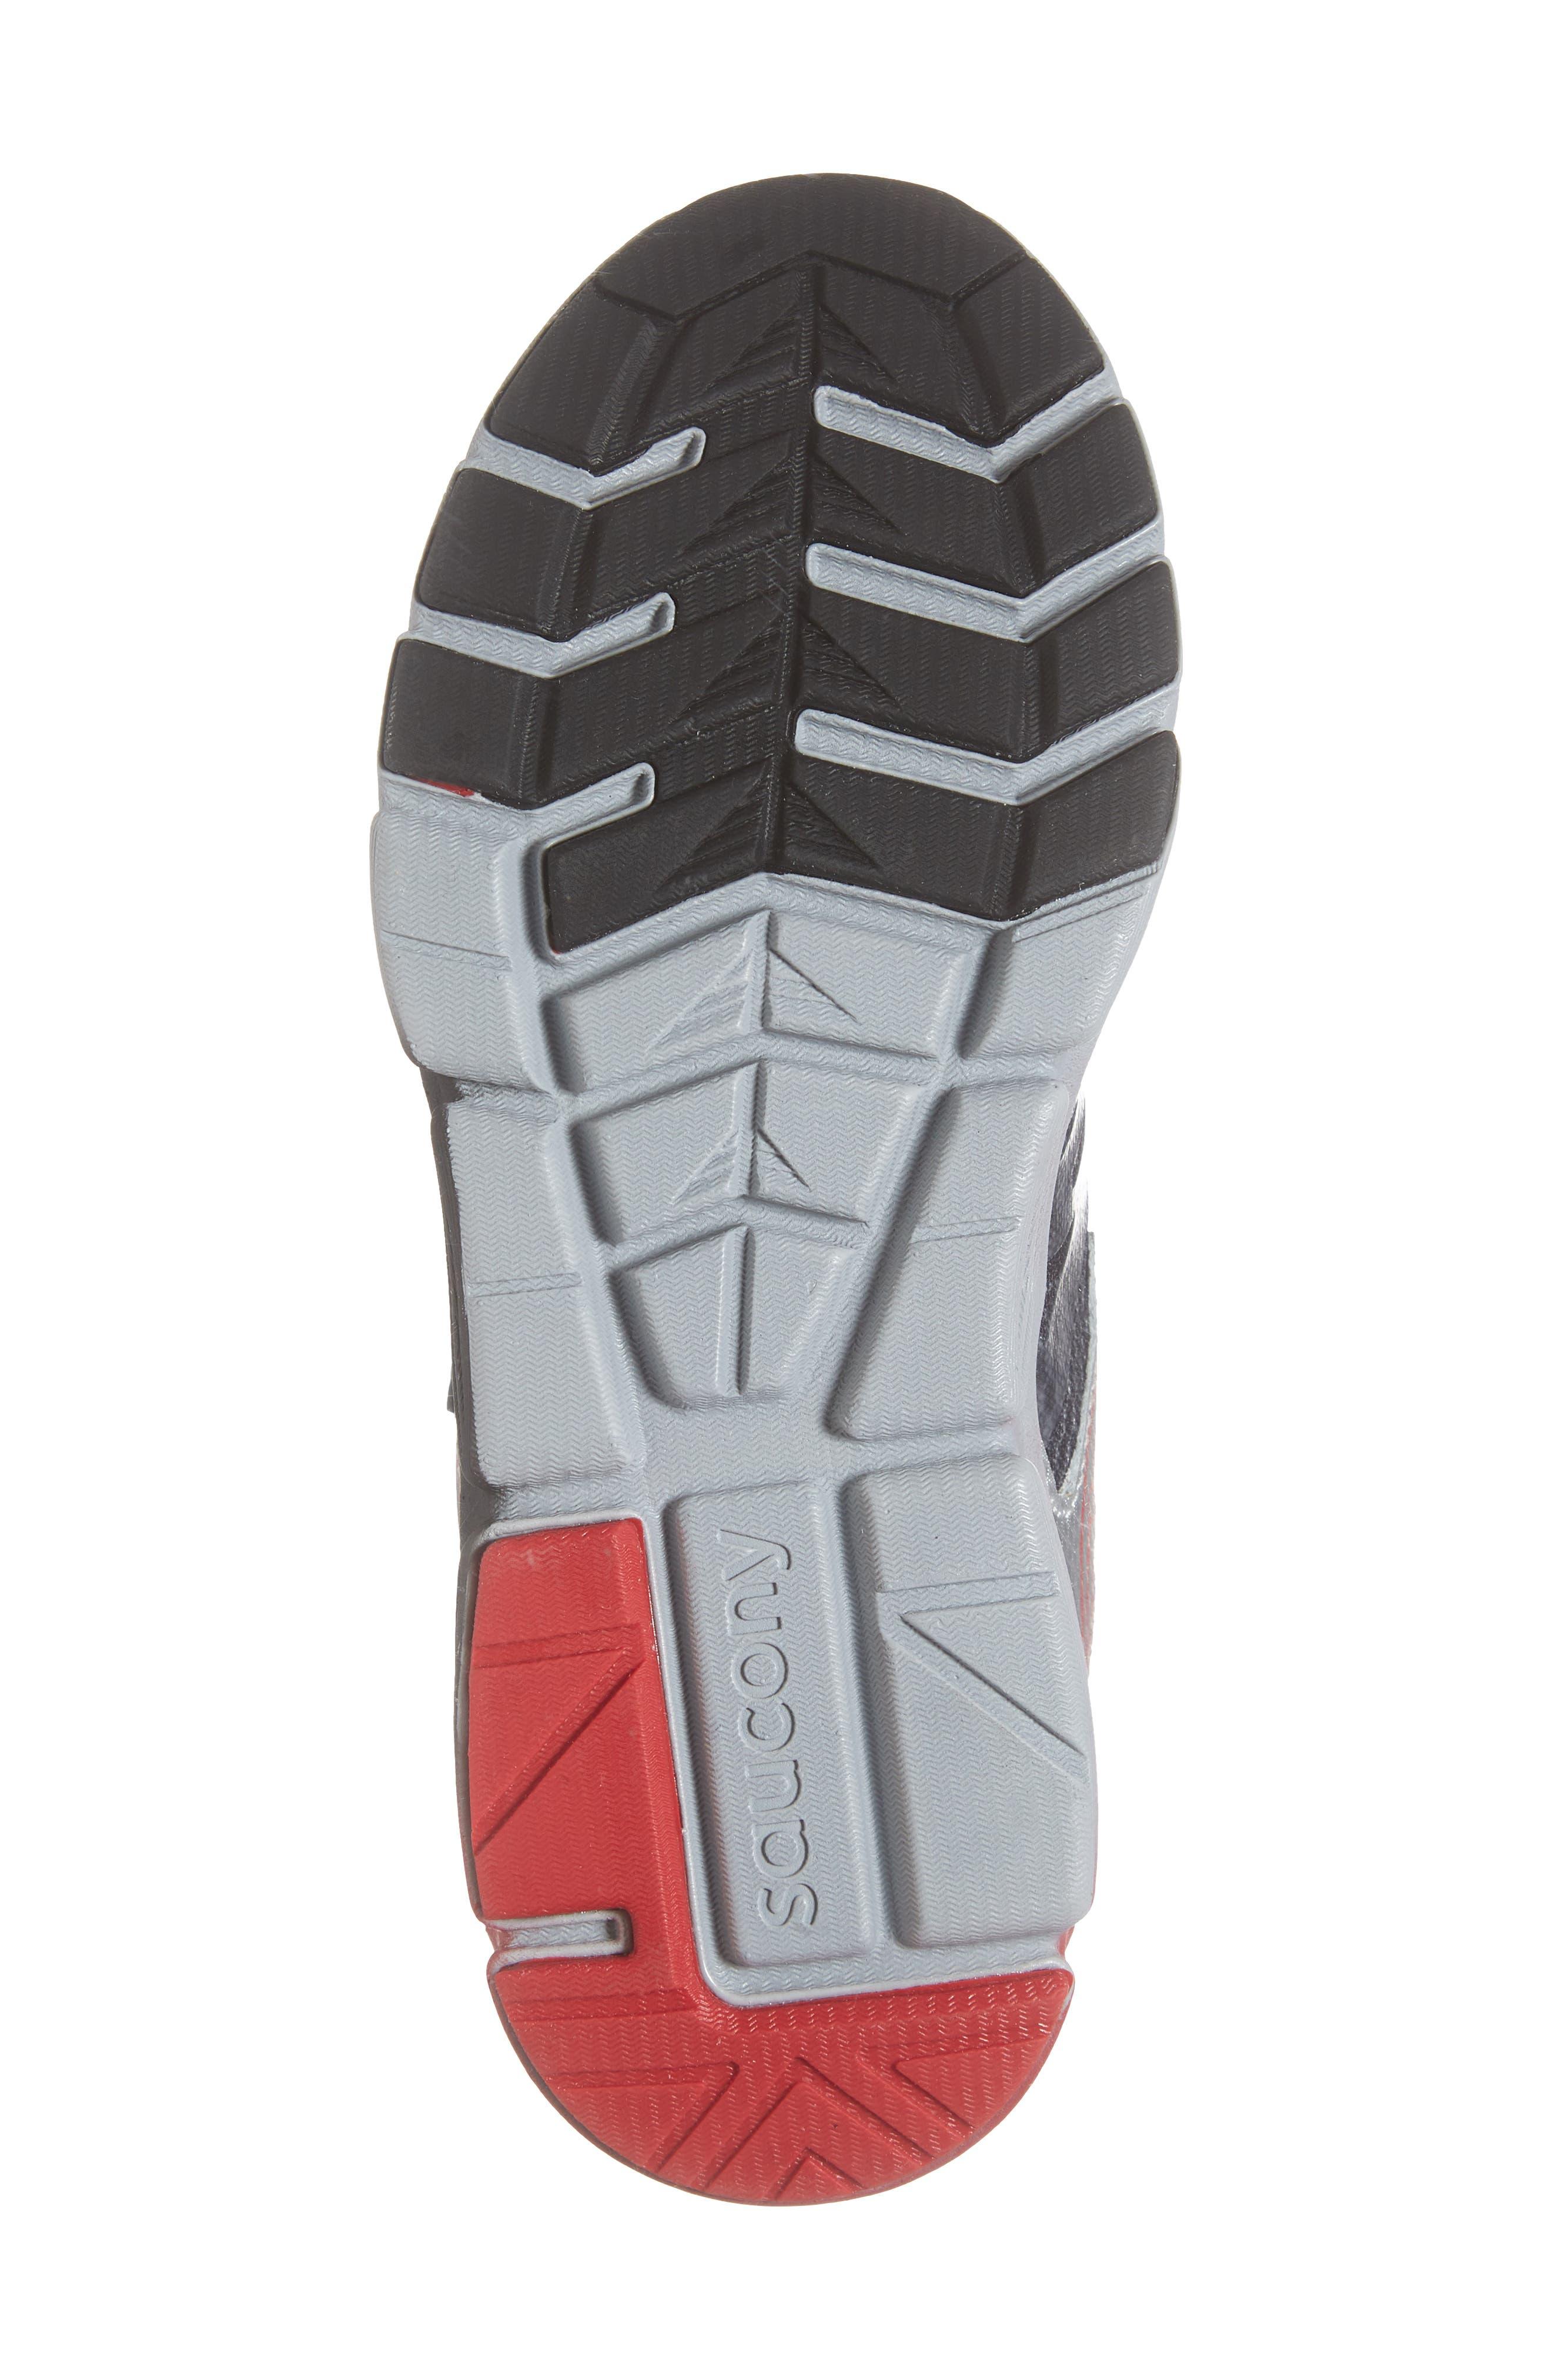 Kotaro Flash Sneaker,                             Alternate thumbnail 6, color,                             BLACK LEATHER/ MESH